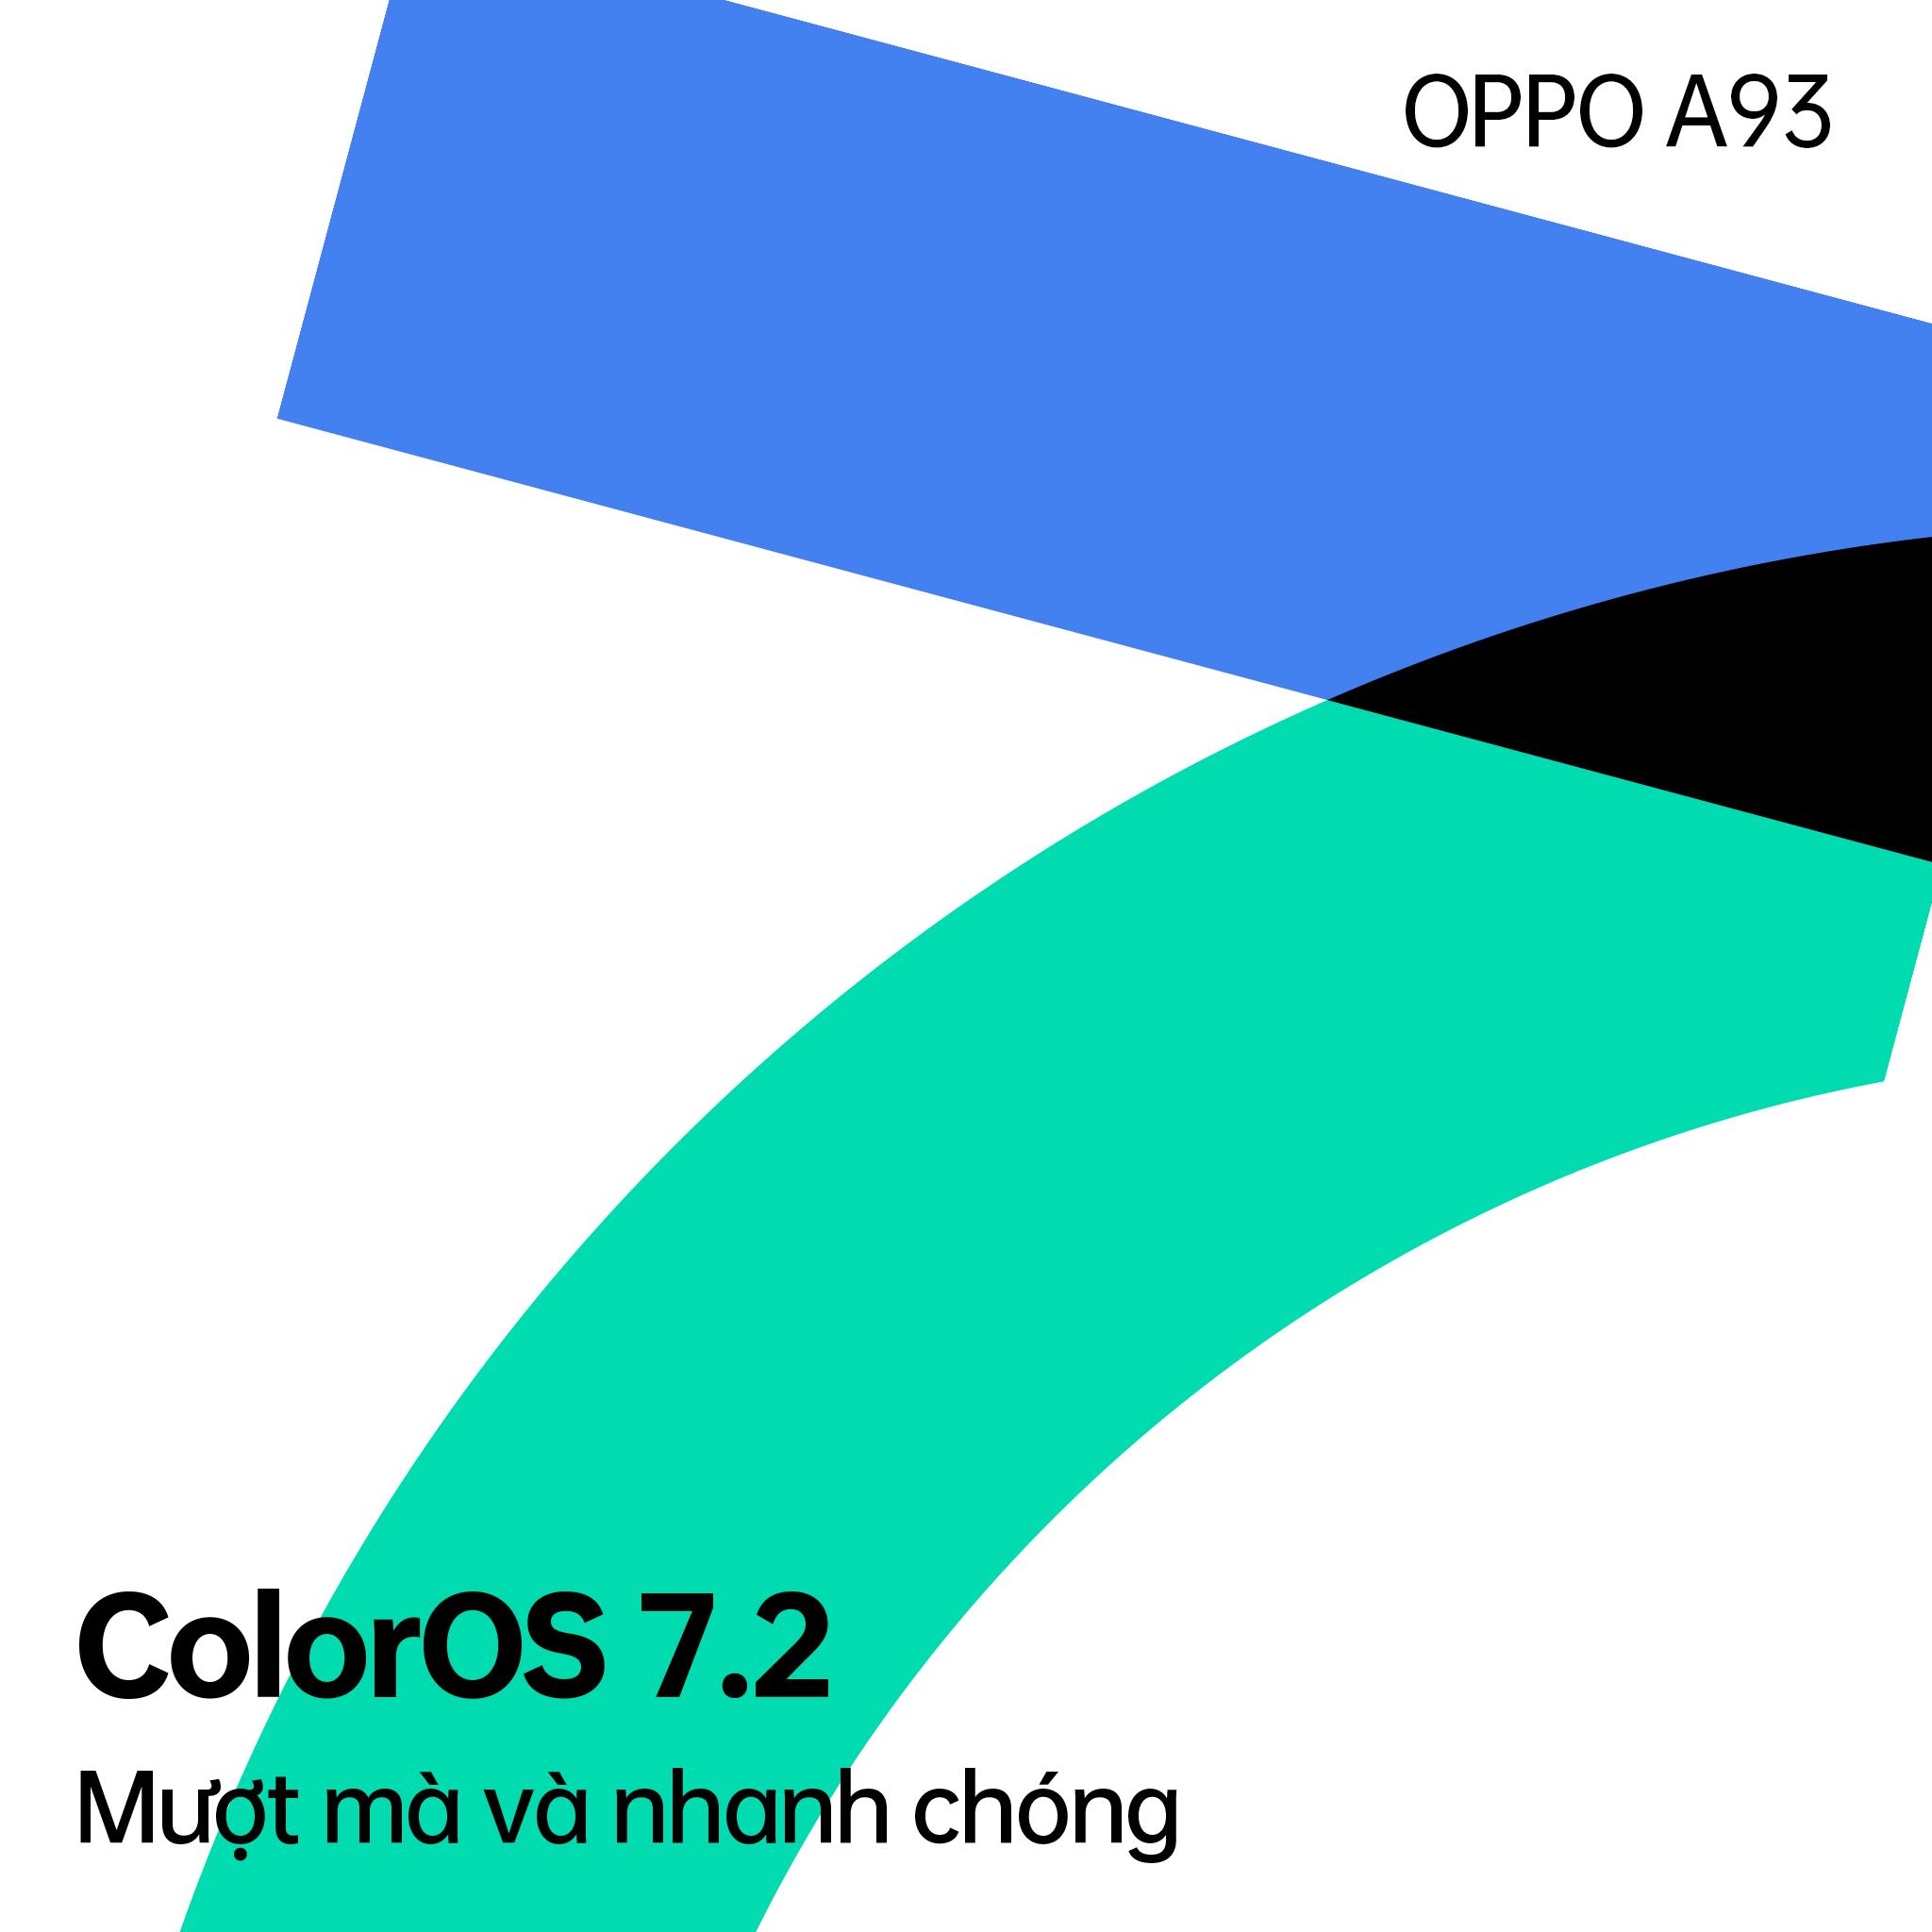 Khám phá 15 tính năng nổi bật của OPPO A93 cho xu hướng AI Camera chất lượng - Ảnh 15.